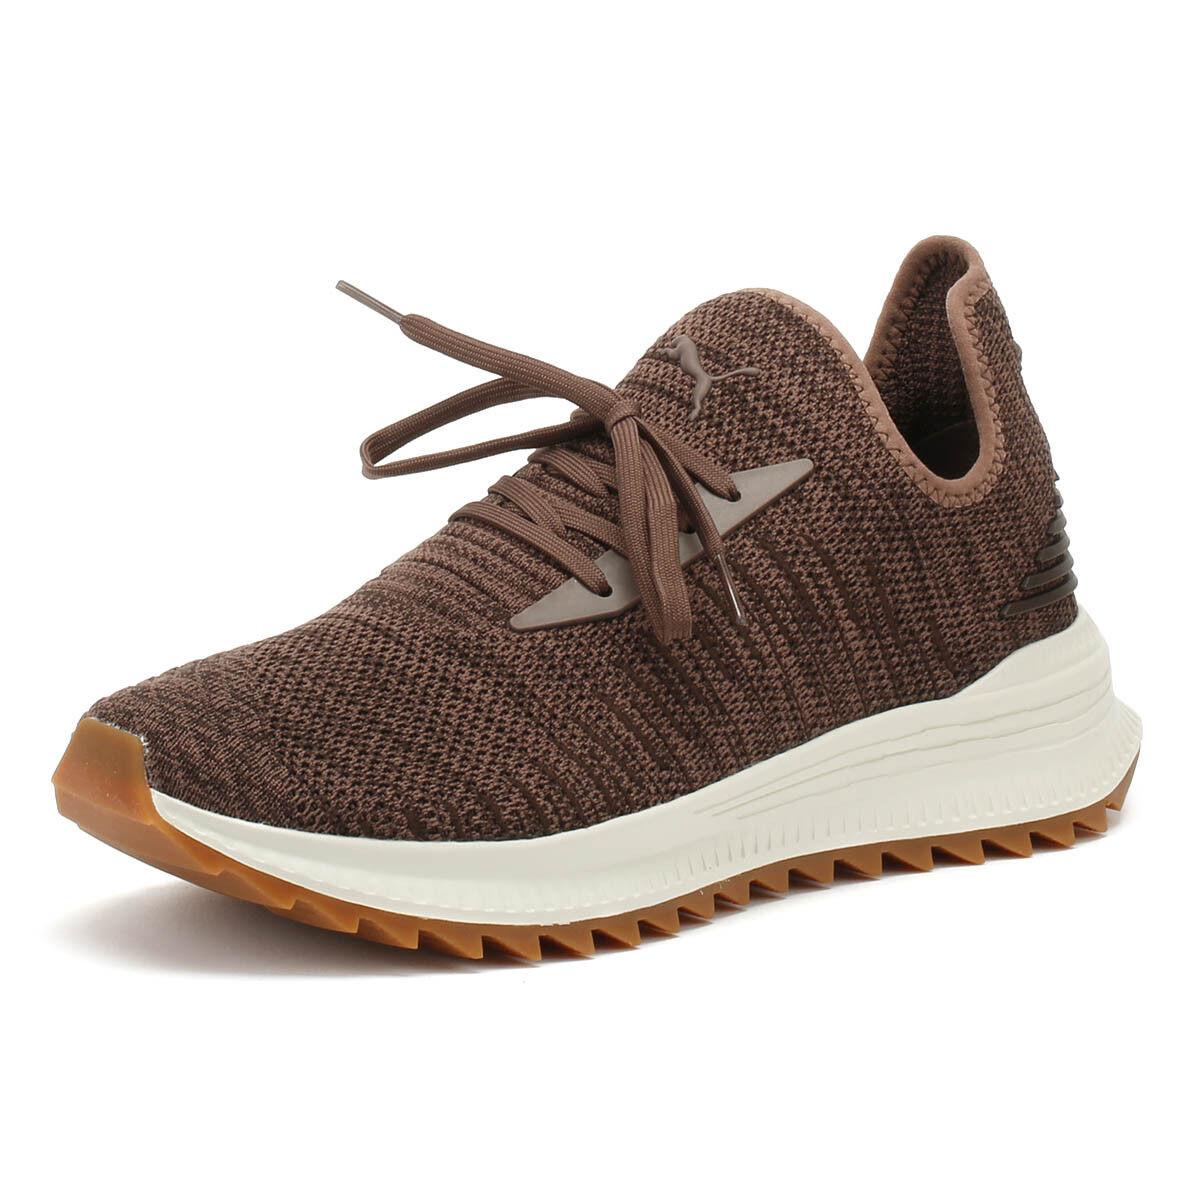 PUMA Para Hombre Zapatillas Avid waterrplnt Pimienta-Molé Marrón Sport Running zapatos